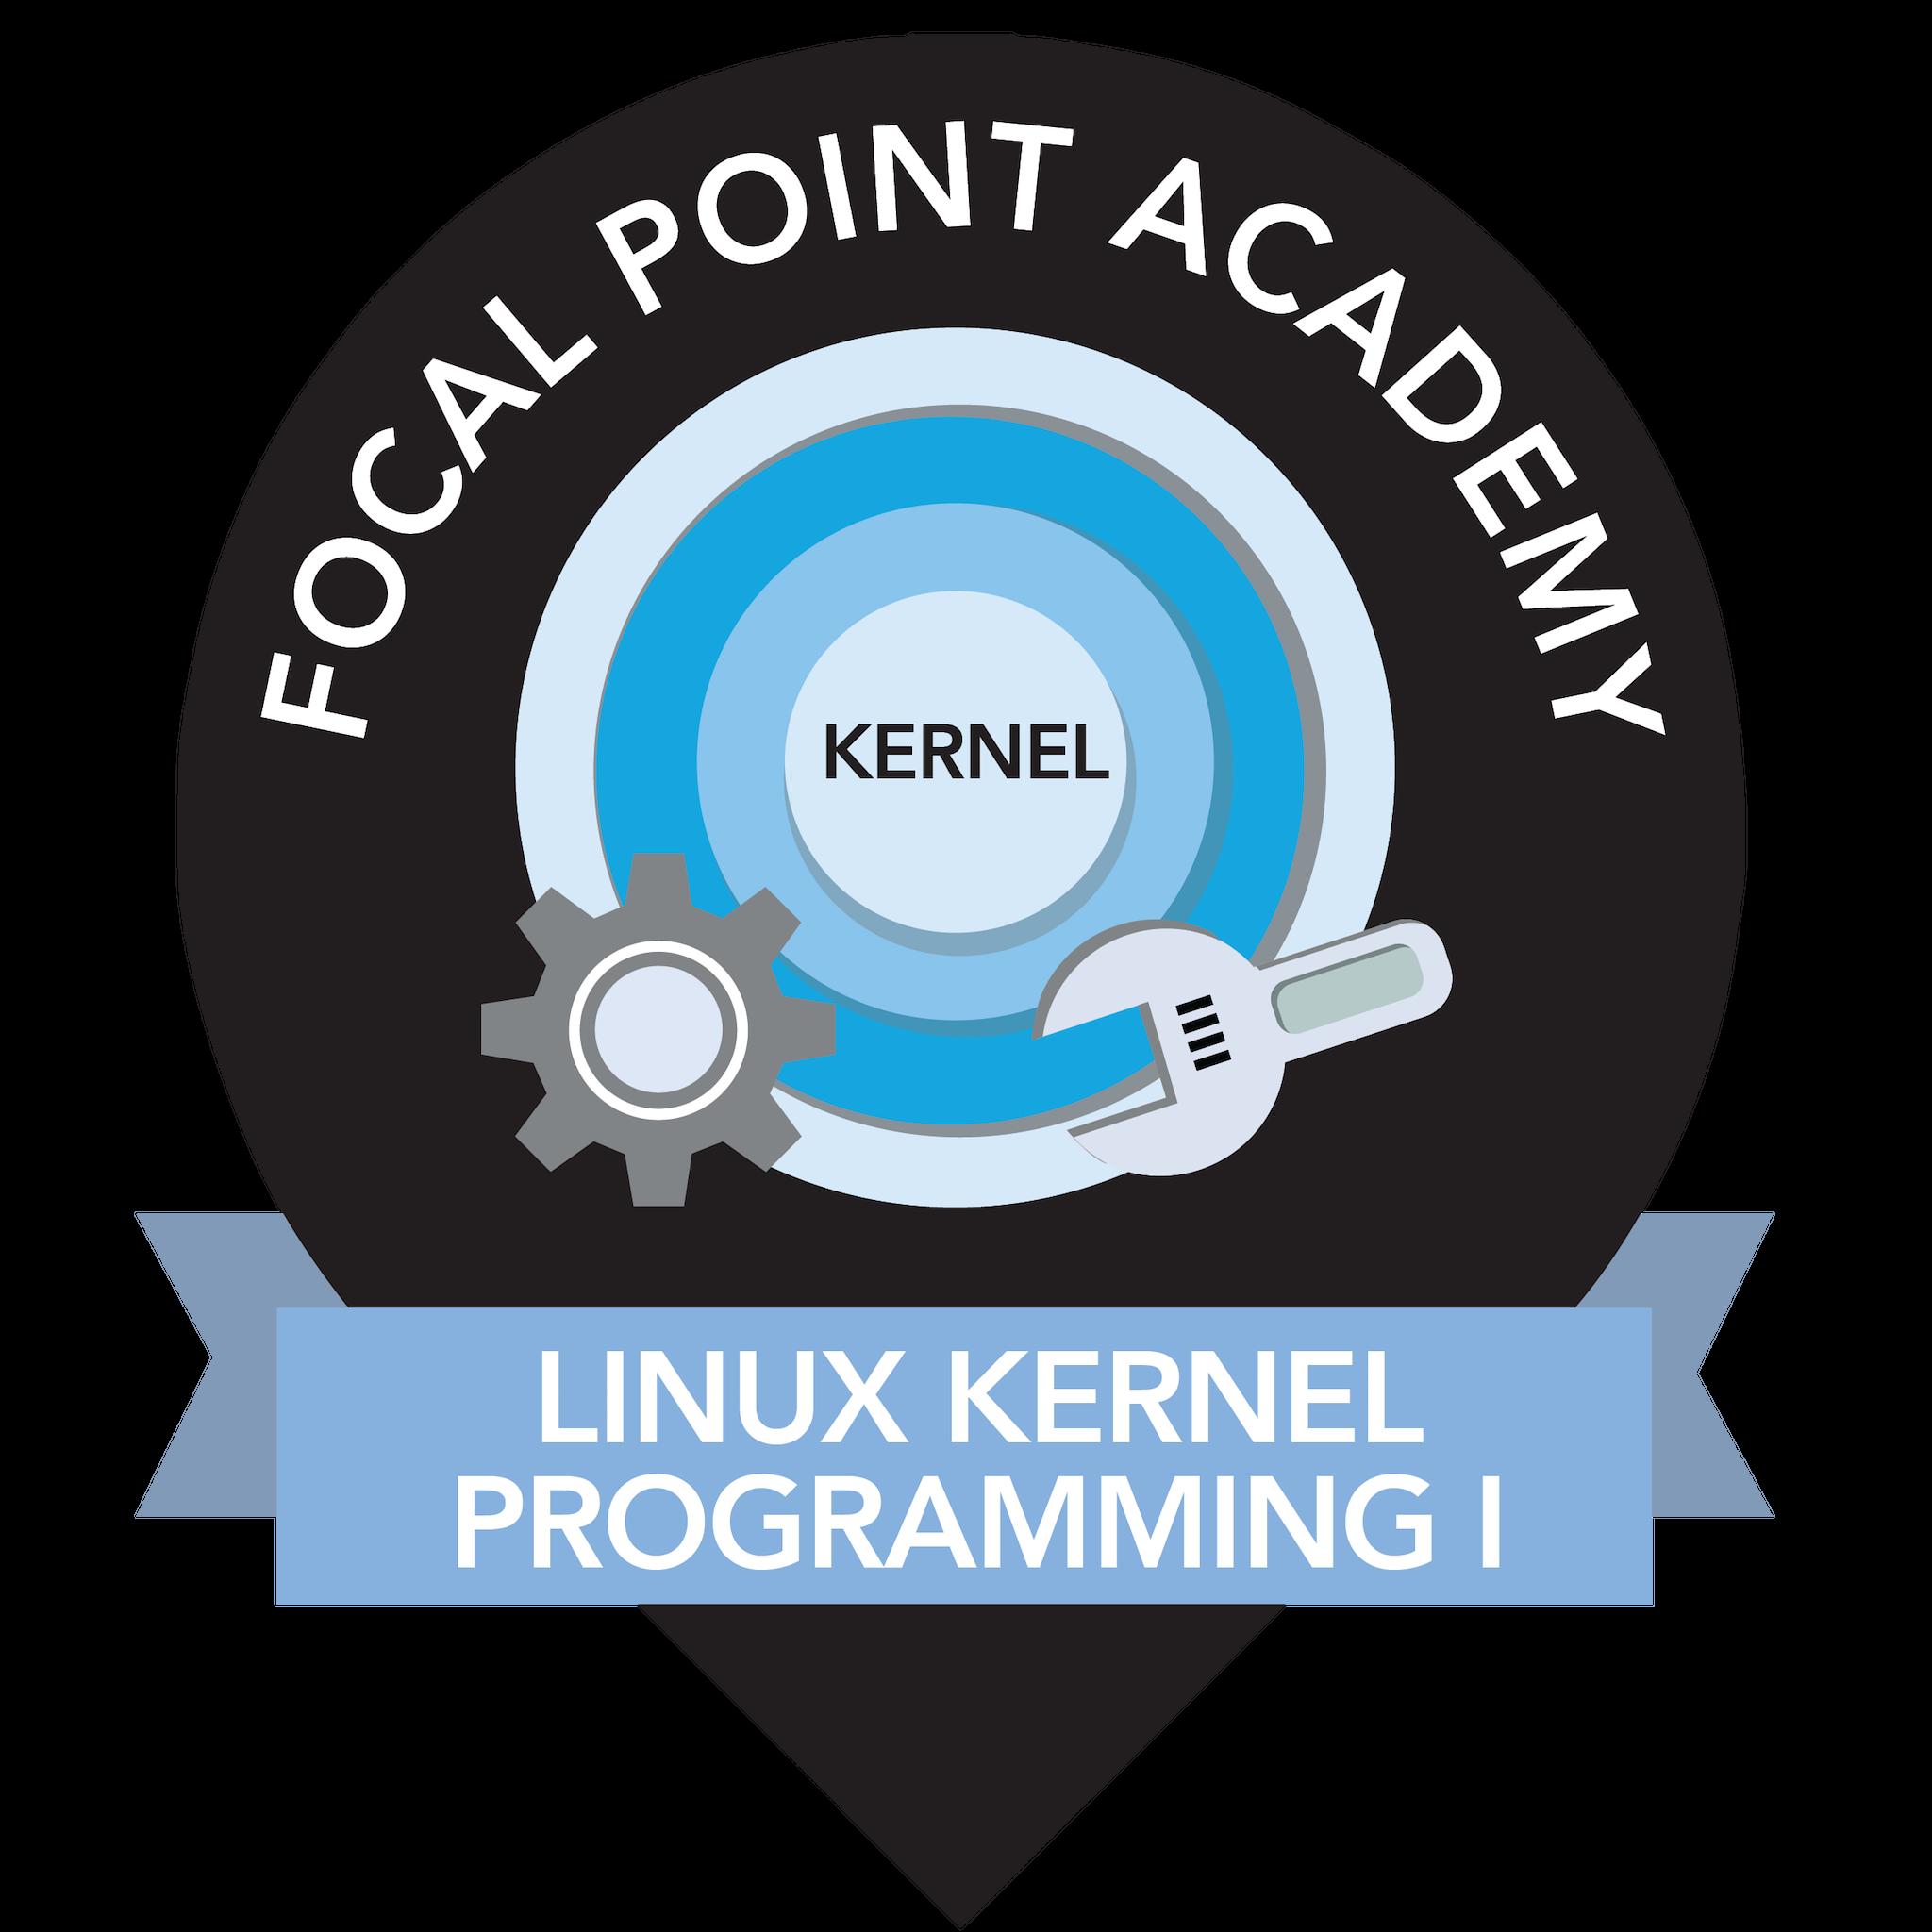 Linux Kernel Programming I